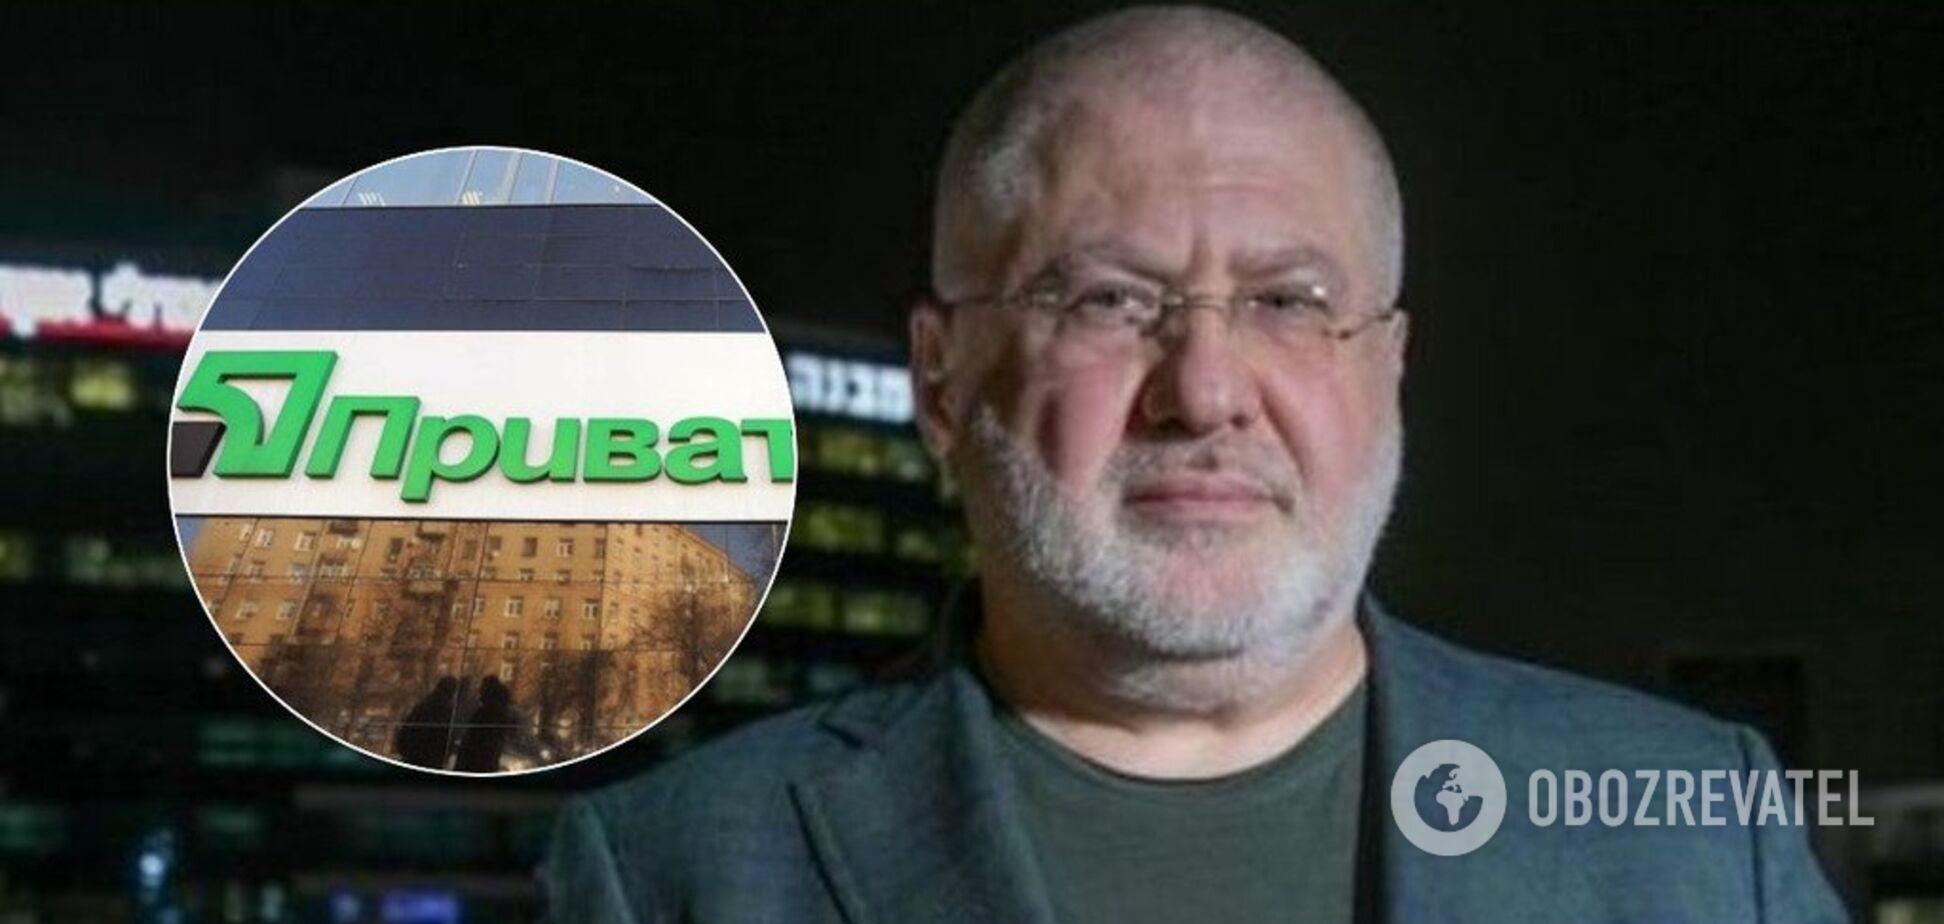 ПриватБанк: Коломойський подав до суду 5 нових позовів